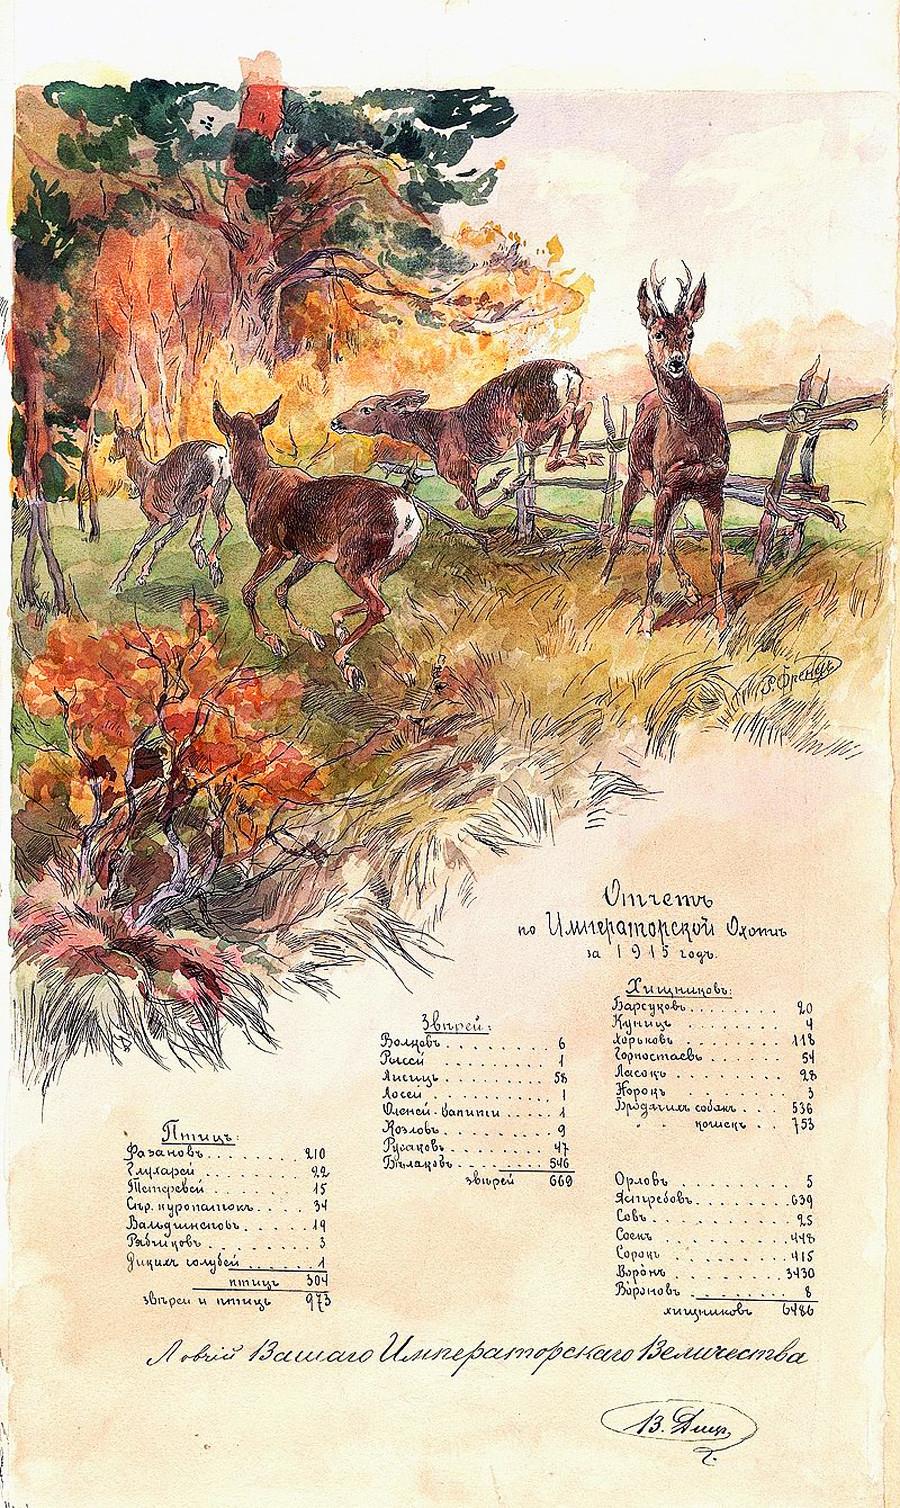 Aquarela apresenta os resultados de uma caça da realeza, 1915